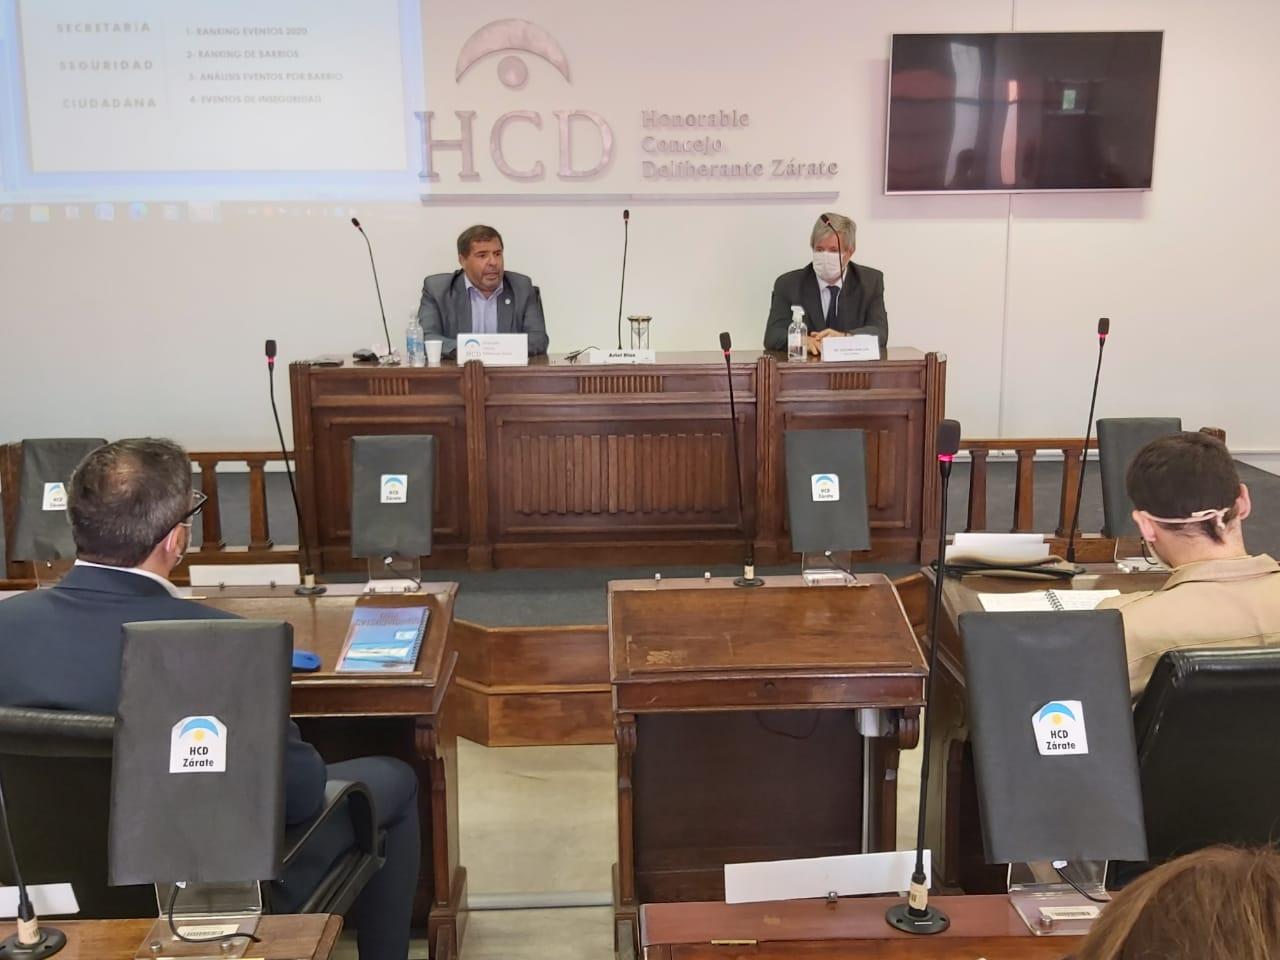 Se reunió el Consejo de Seguridad de Zárate en el Honorable Concejo Deliberante